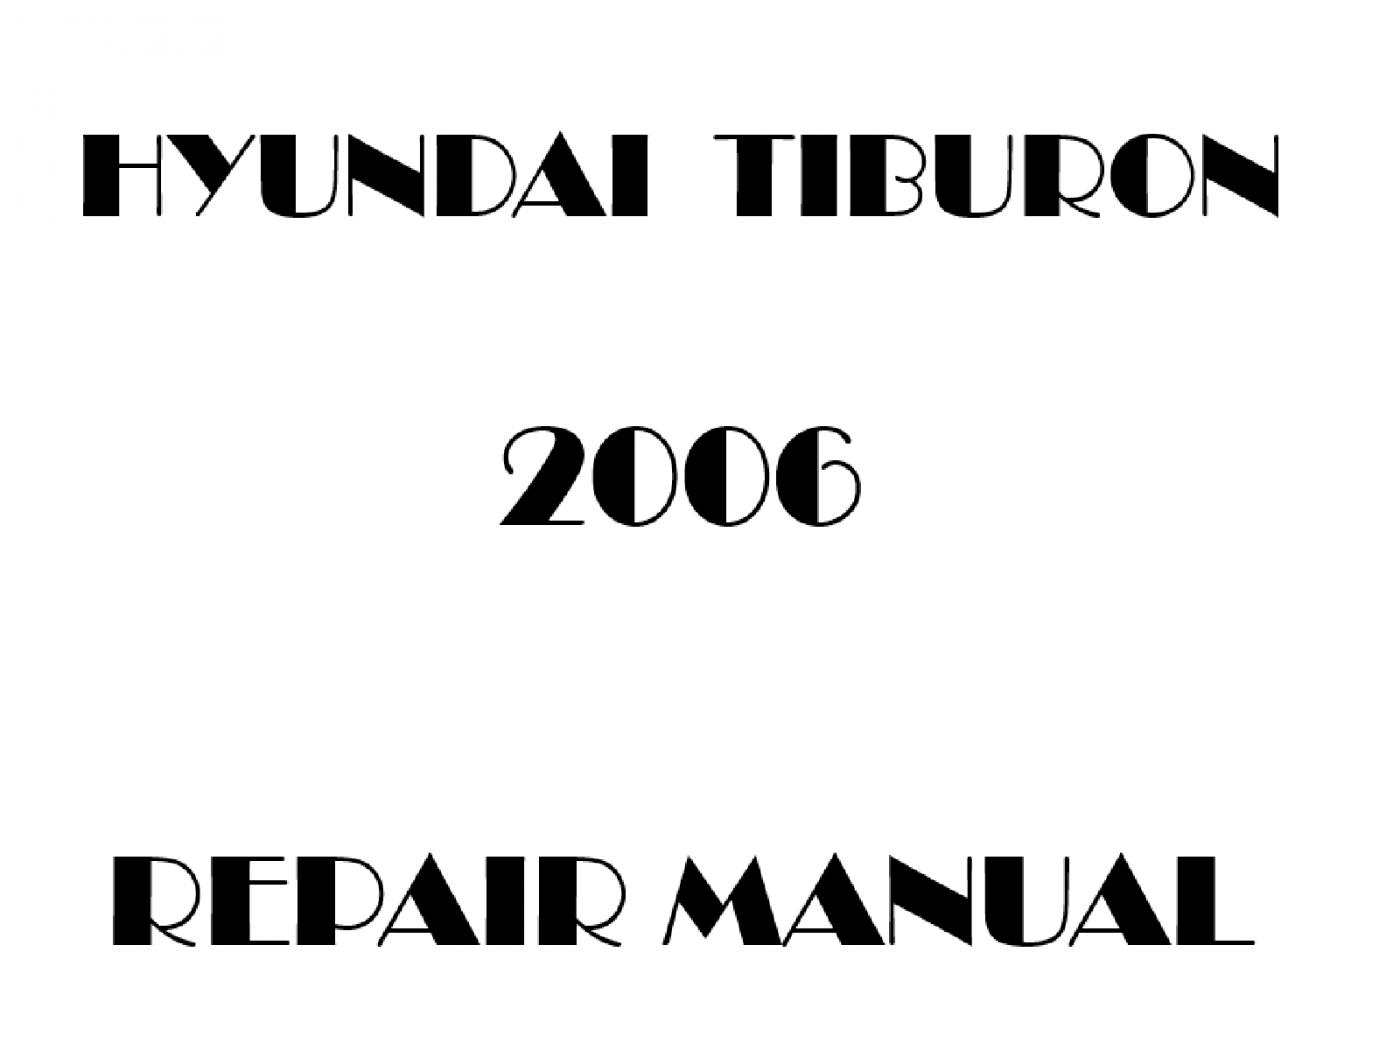 2006 Hyundai Tiburon repair manual